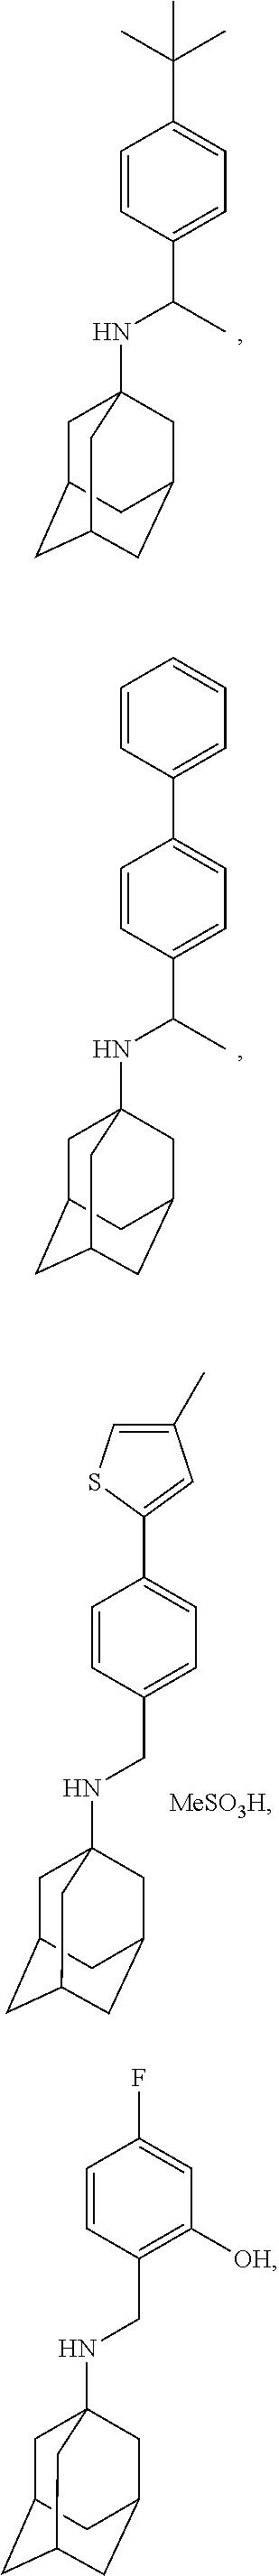 Figure US09884832-20180206-C00182